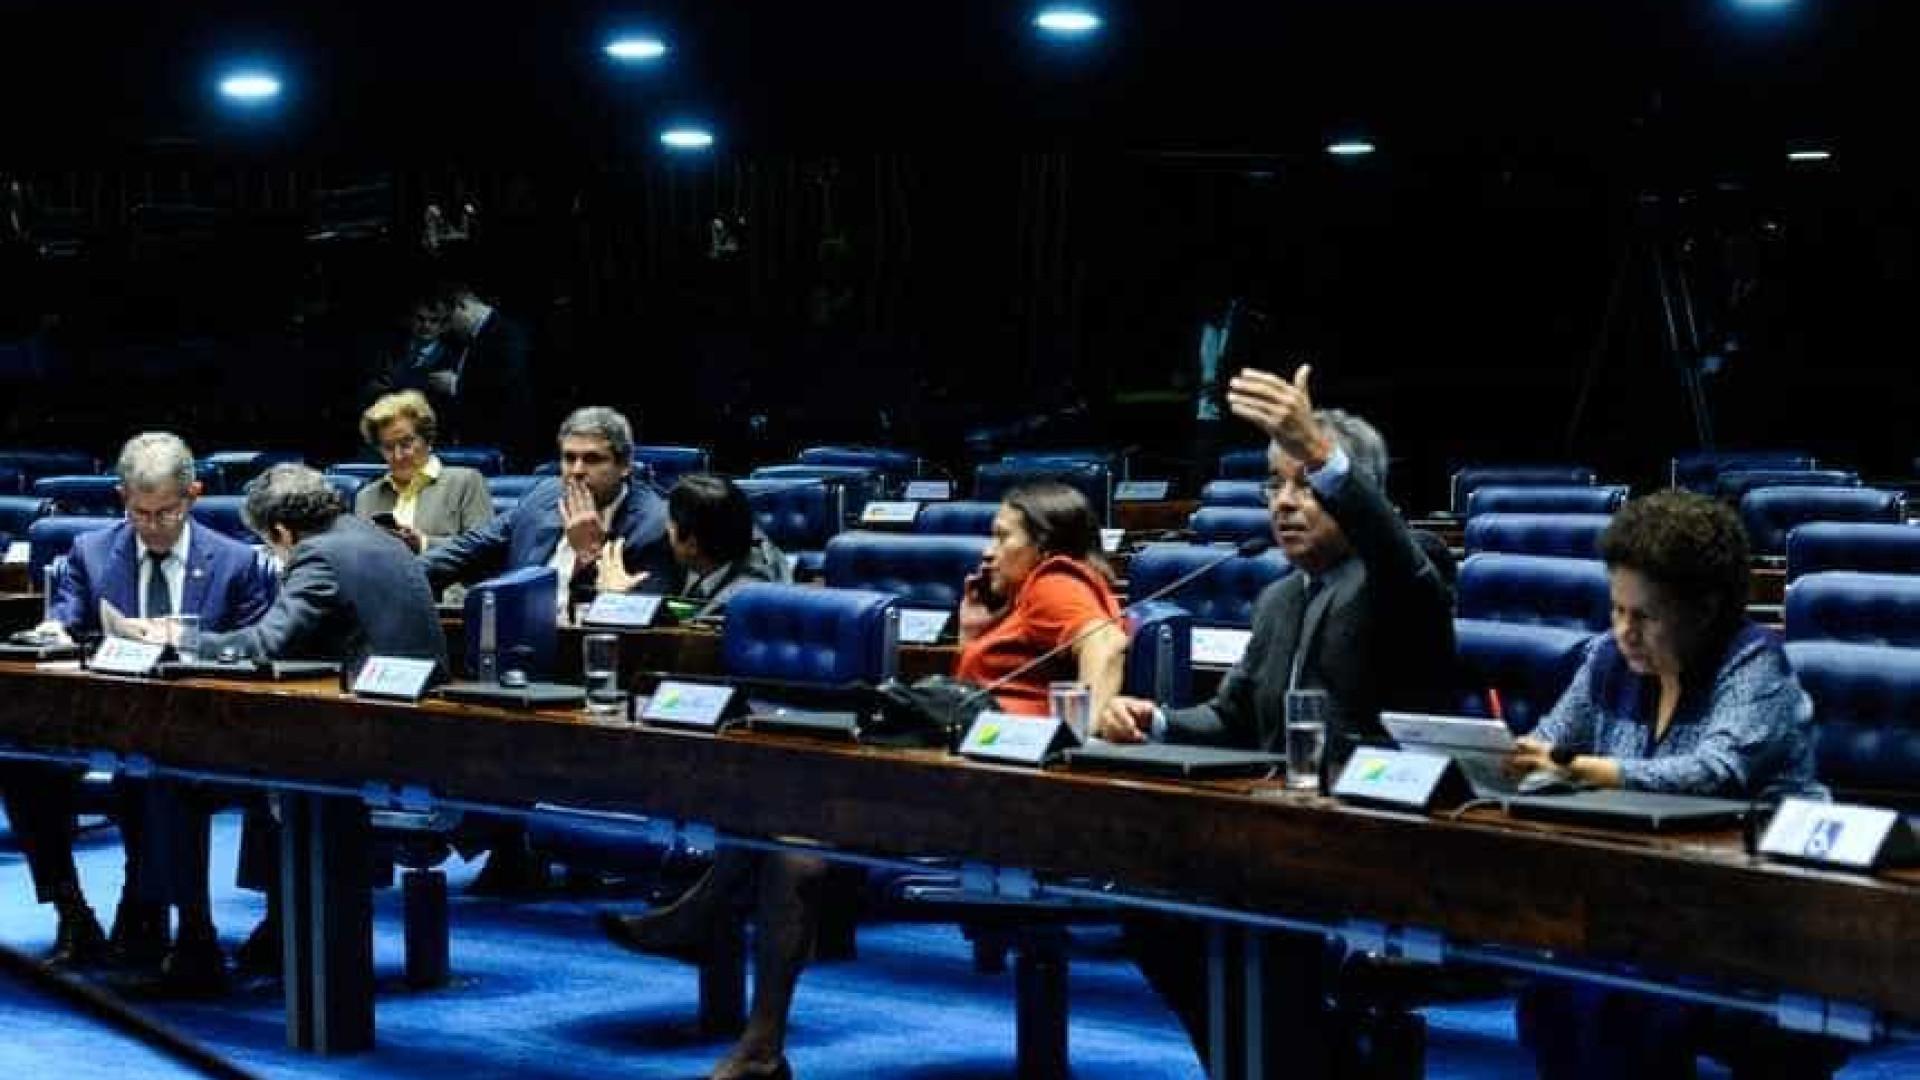 Senadores querem saída de Temer e realização de eleições